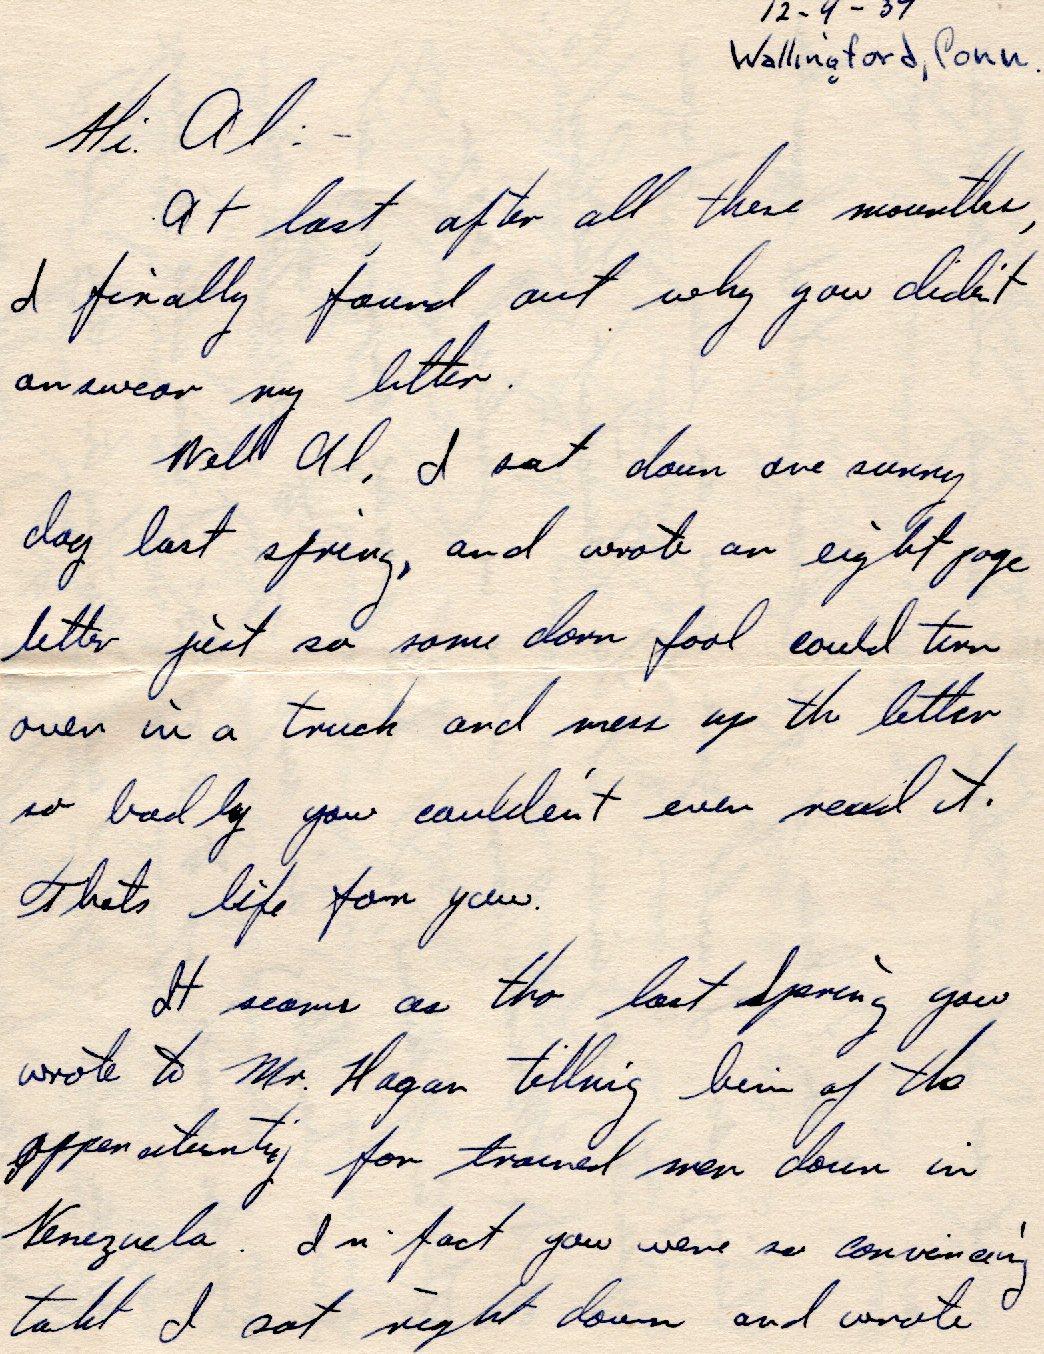 Friends - Dear Al-Job Opportunities in Venezuela-December 4,1939